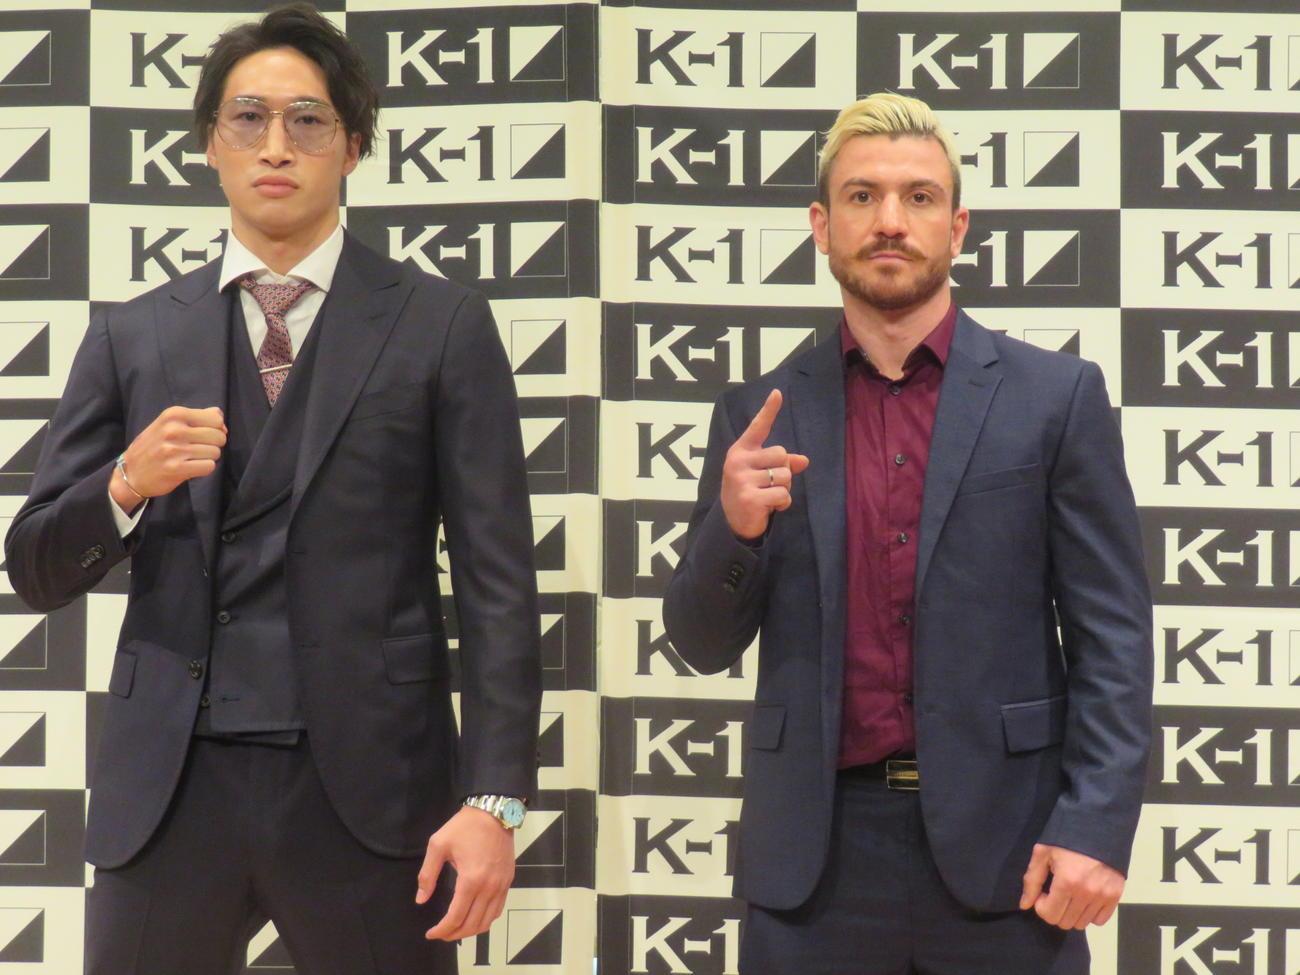 第2代ウエルター級王座決定トーナメント1回戦で対戦する安保(左)とソアレス